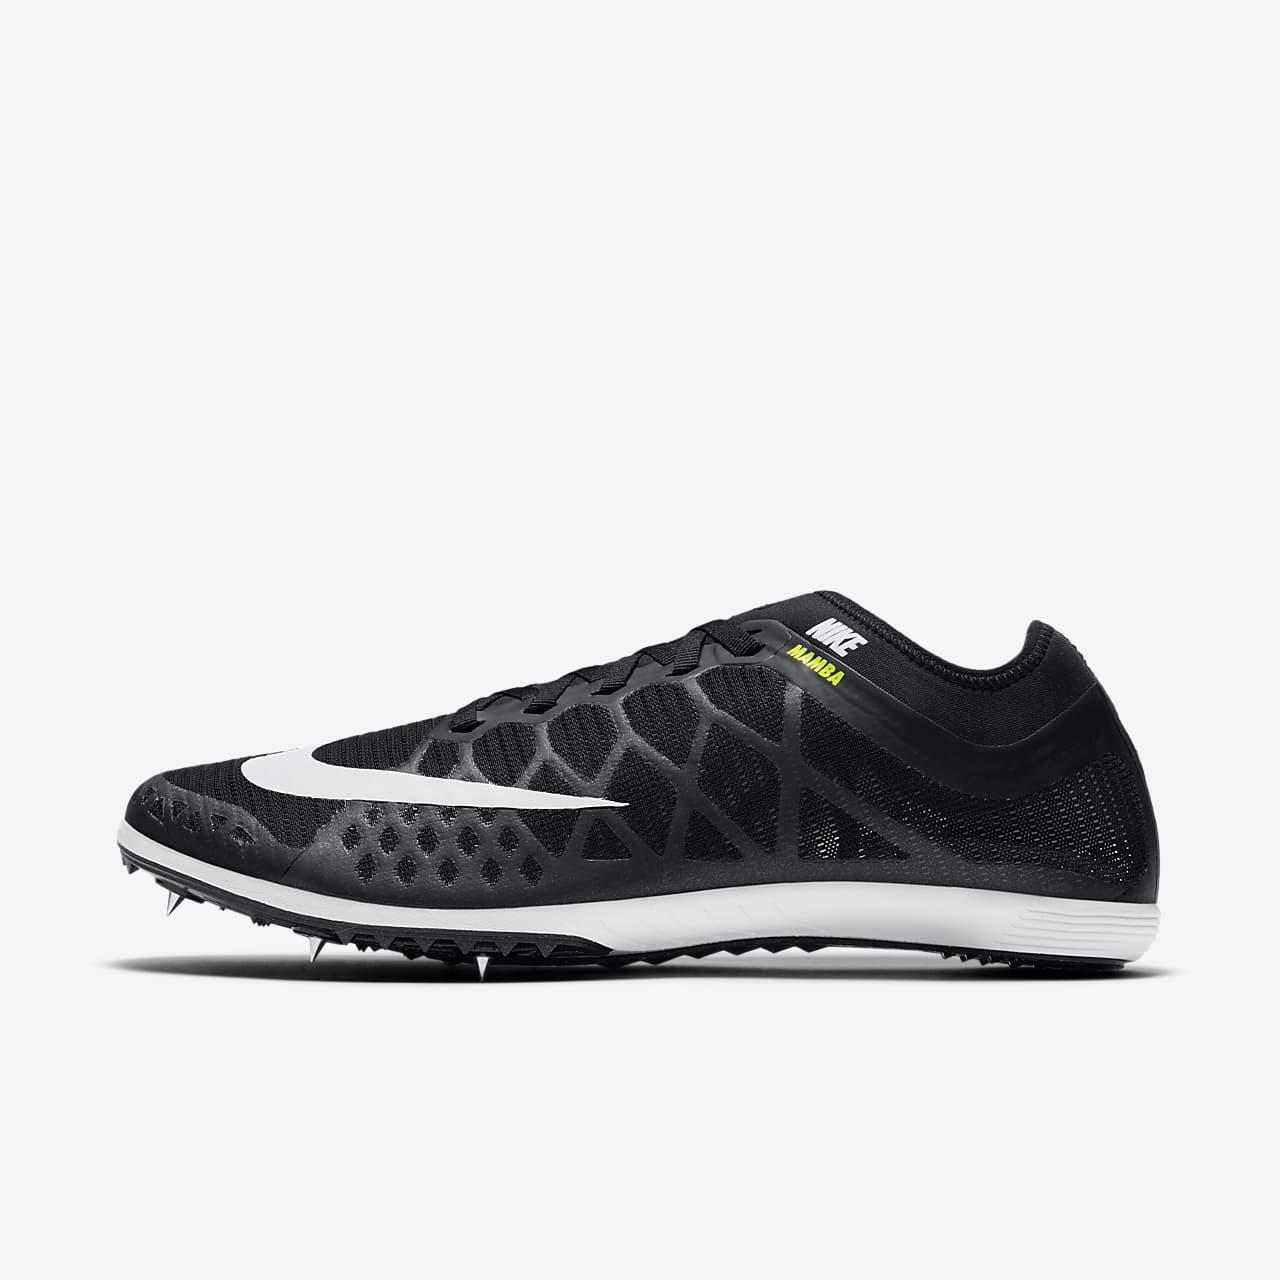 Scarpa chiodata per corse sulla distanza Nike Zoom Mamba 3 - Unisex